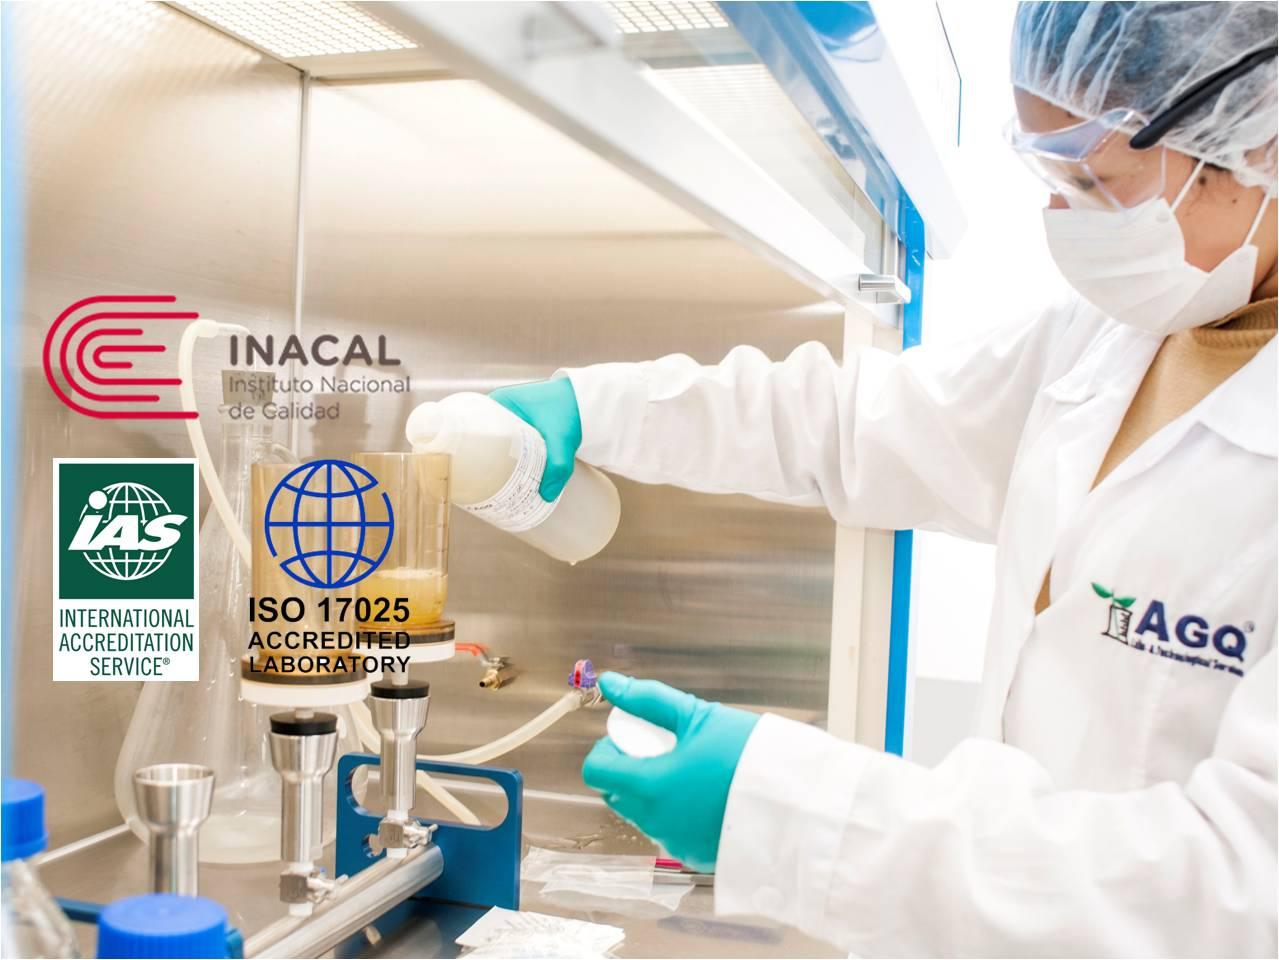 AGQ Labs en Perú ha ampliado su acreditación como Laboratorio de Ensayo por el Instituto Nacional de Calidad de Perú, INACAL